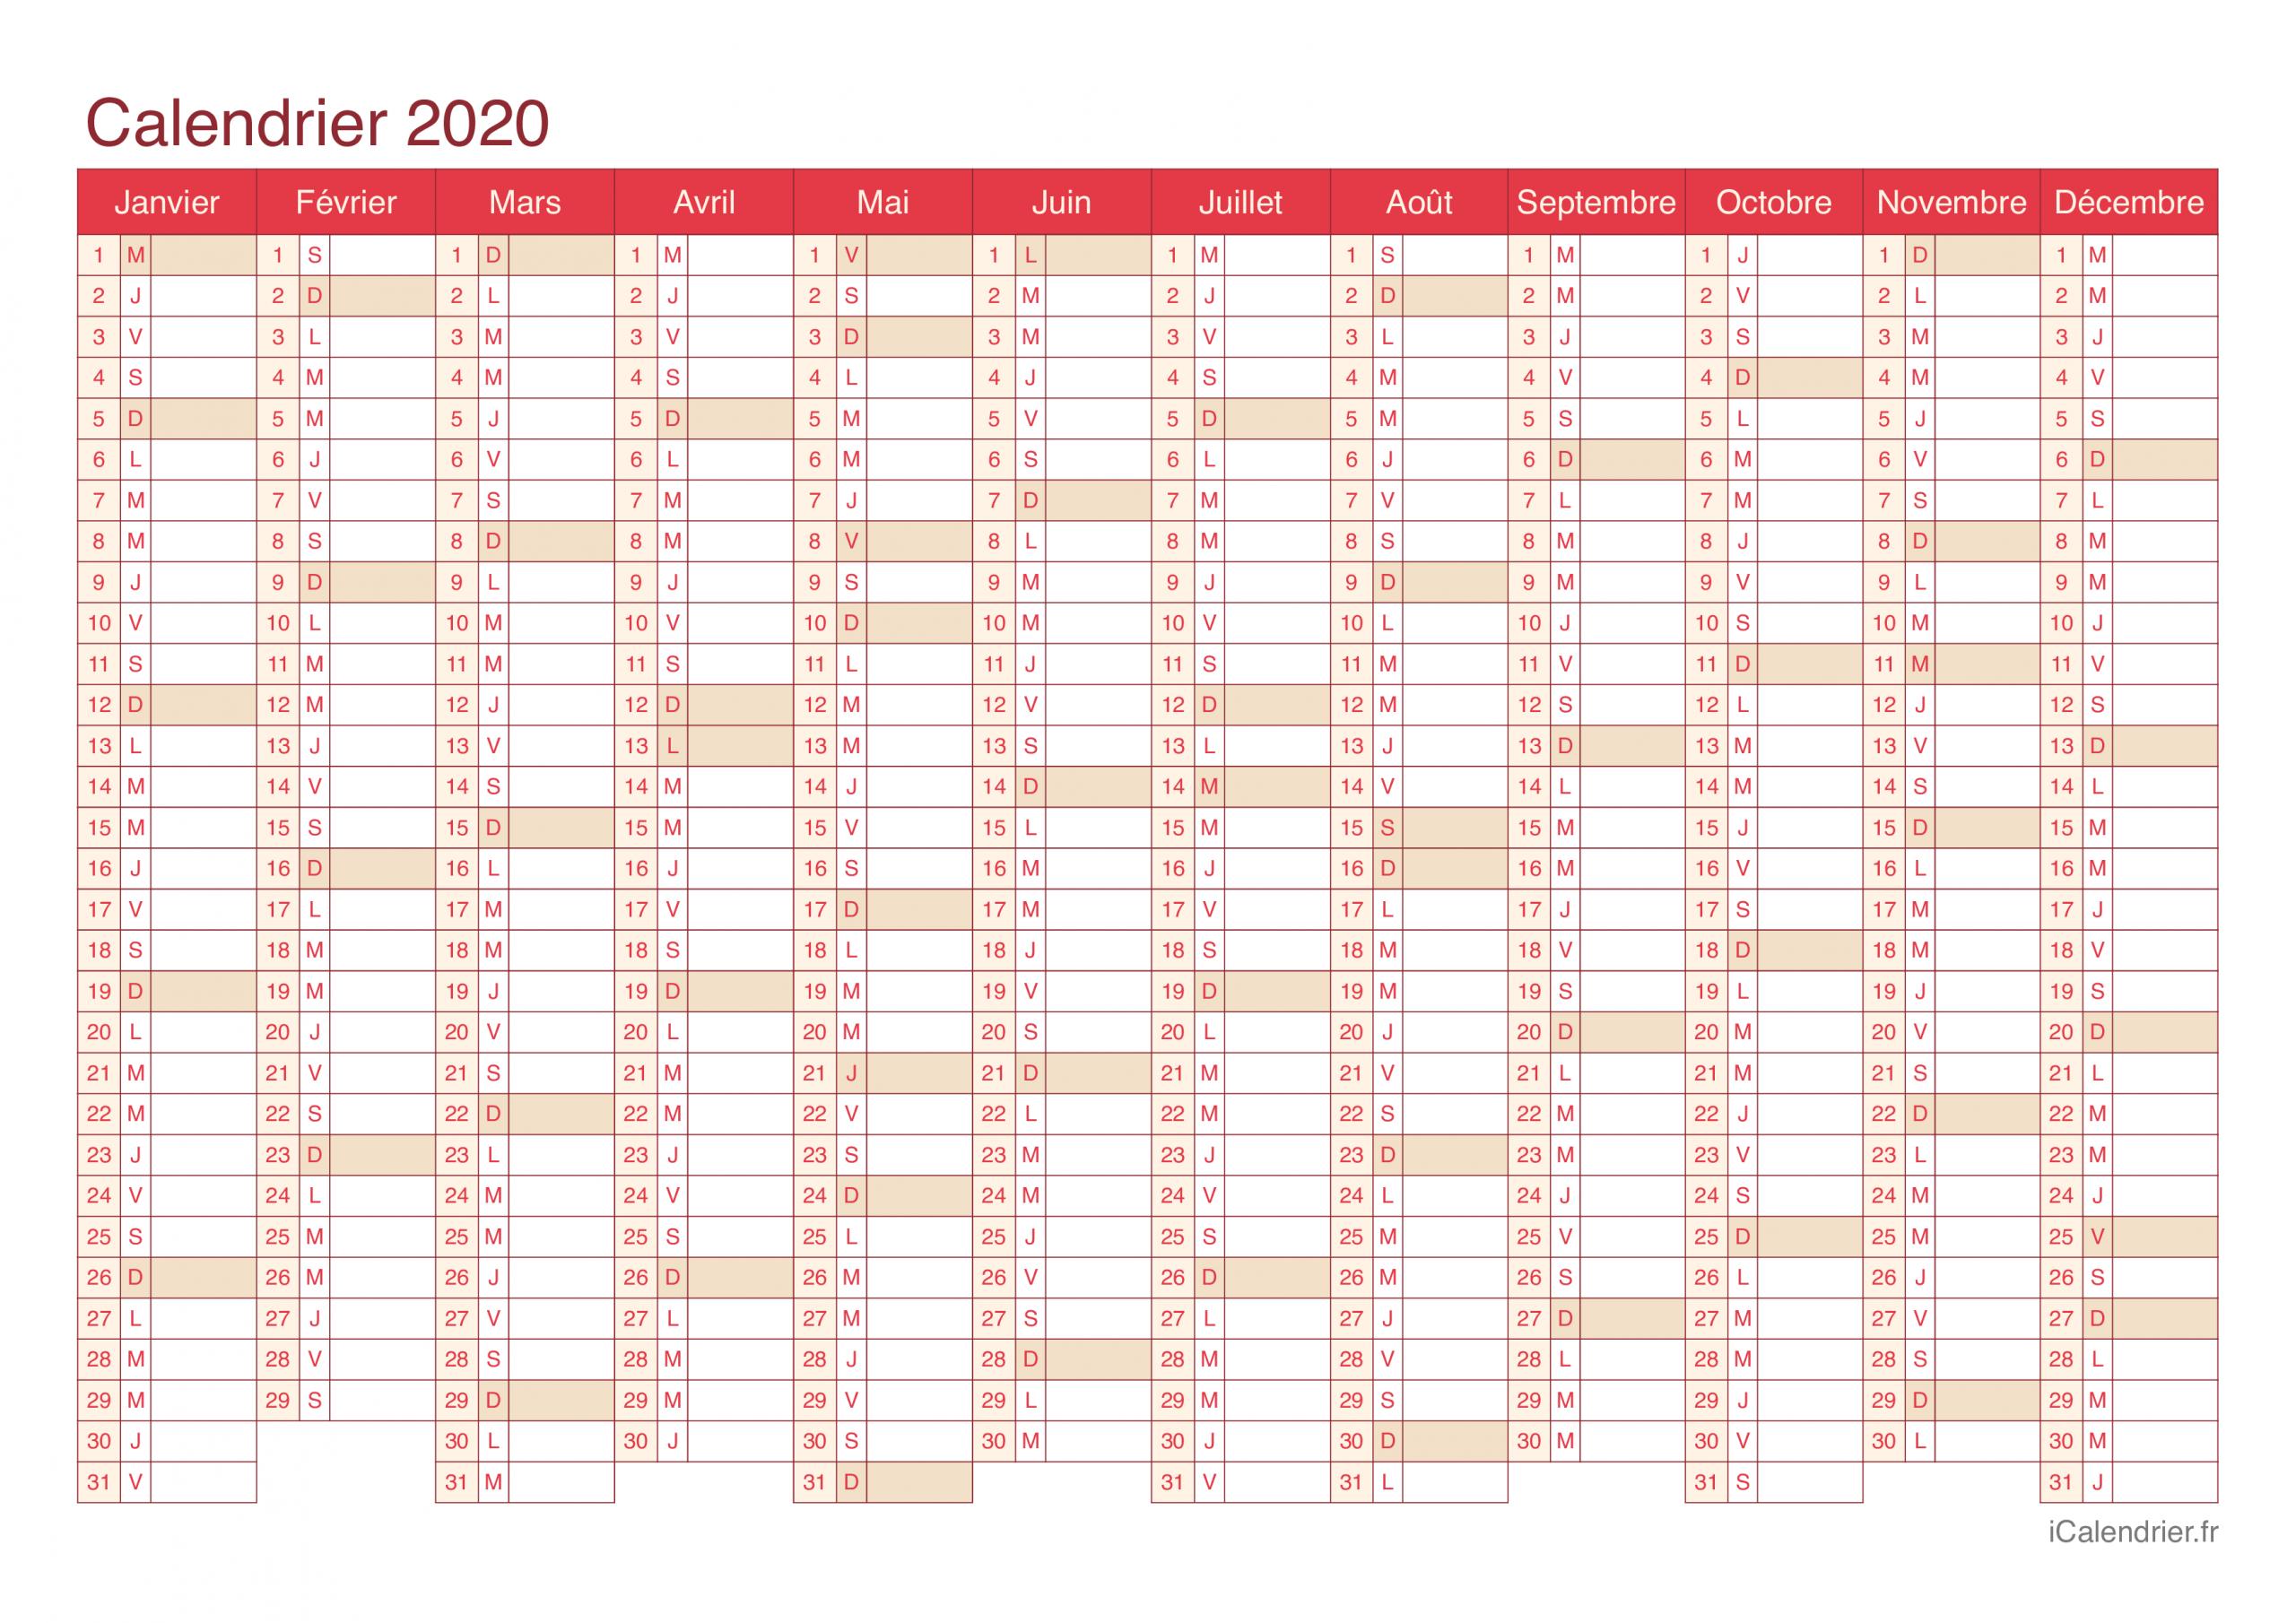 Calendrier 2020 À Imprimer Pdf Et Excel - Icalendrier avec Calendrier En Ligne Gratuit A Imprimer